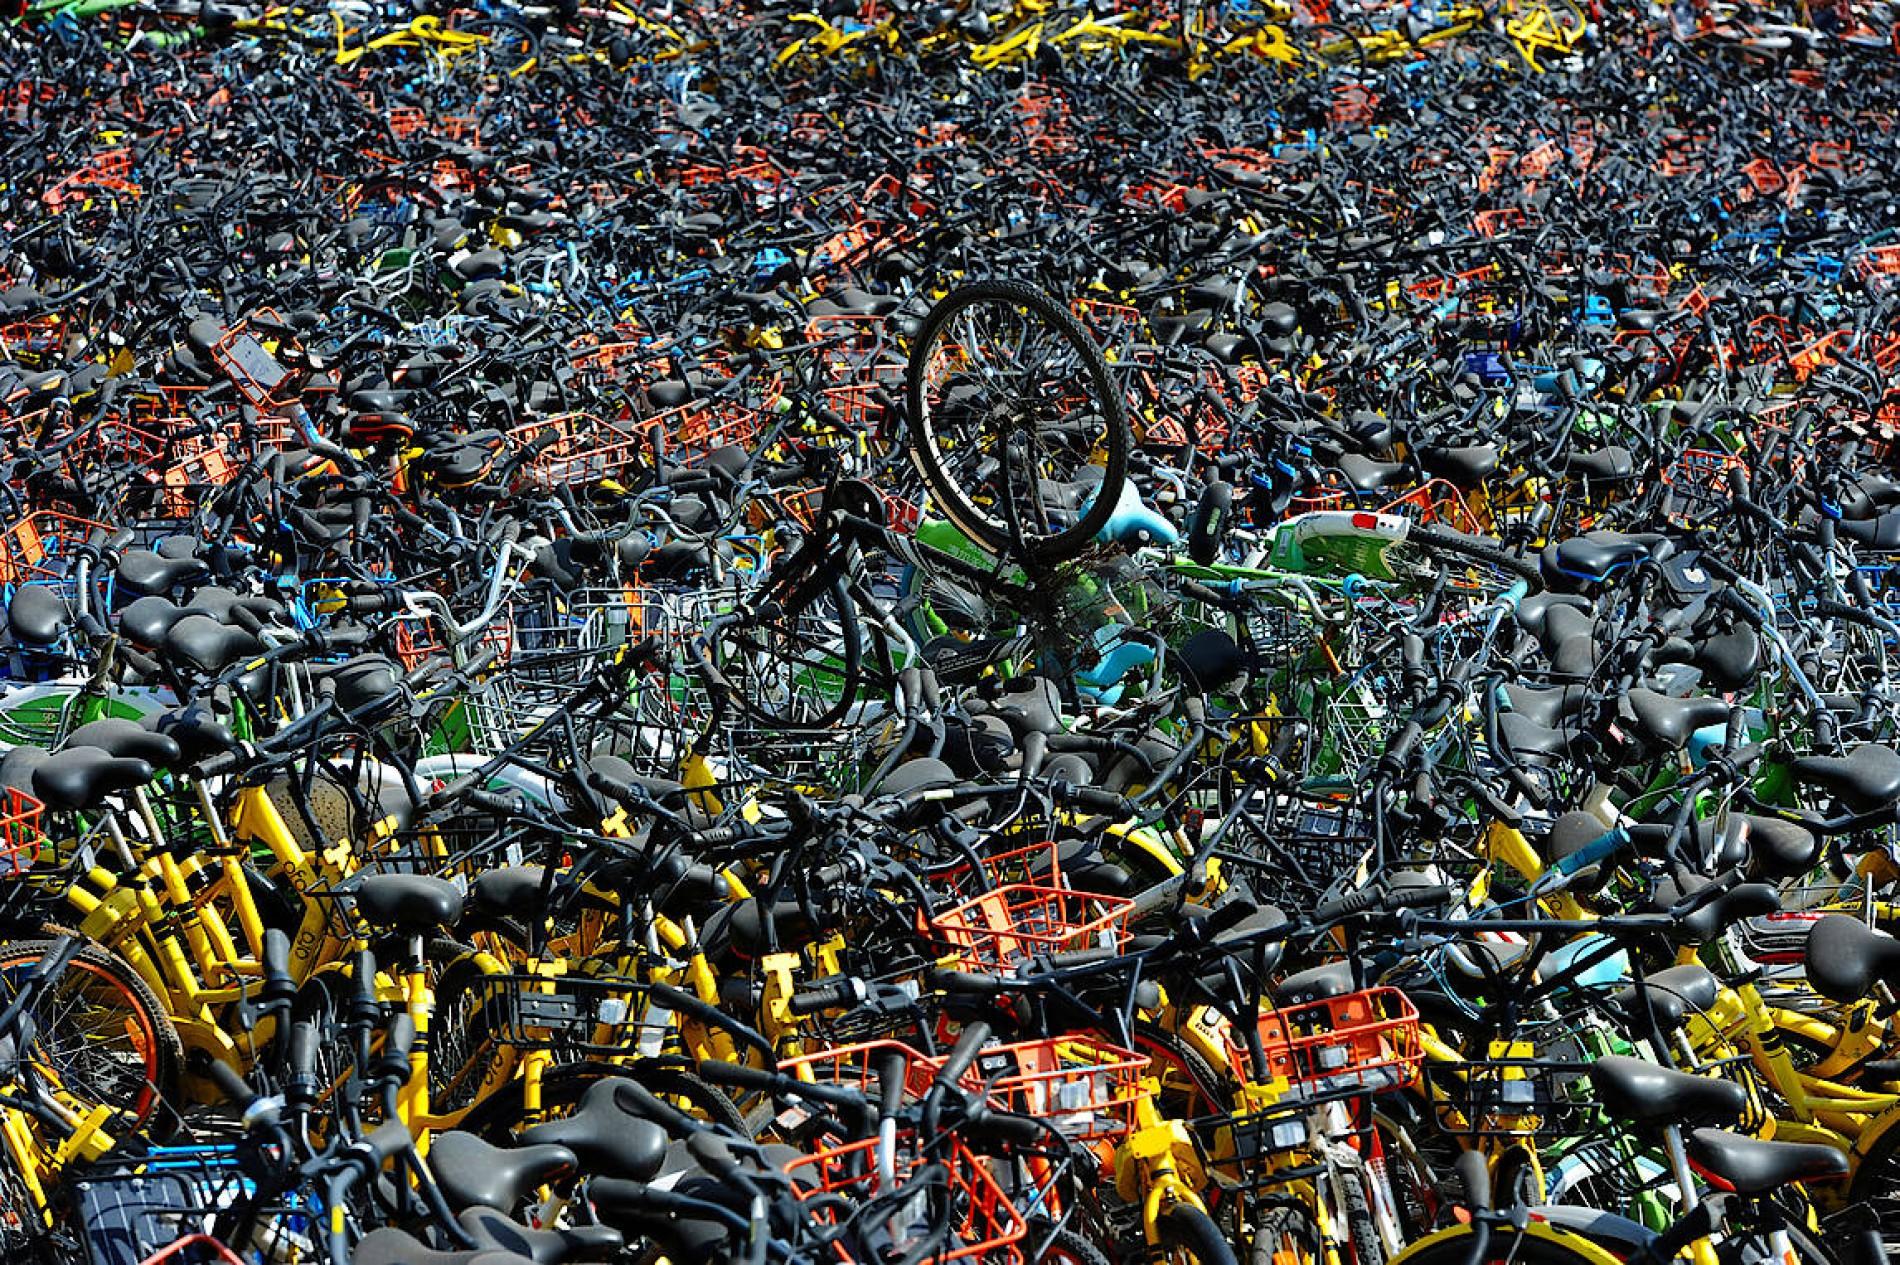 Chinas Fahrradfriedhöfe Die Fahrräder Die Niemand Haben Möchte